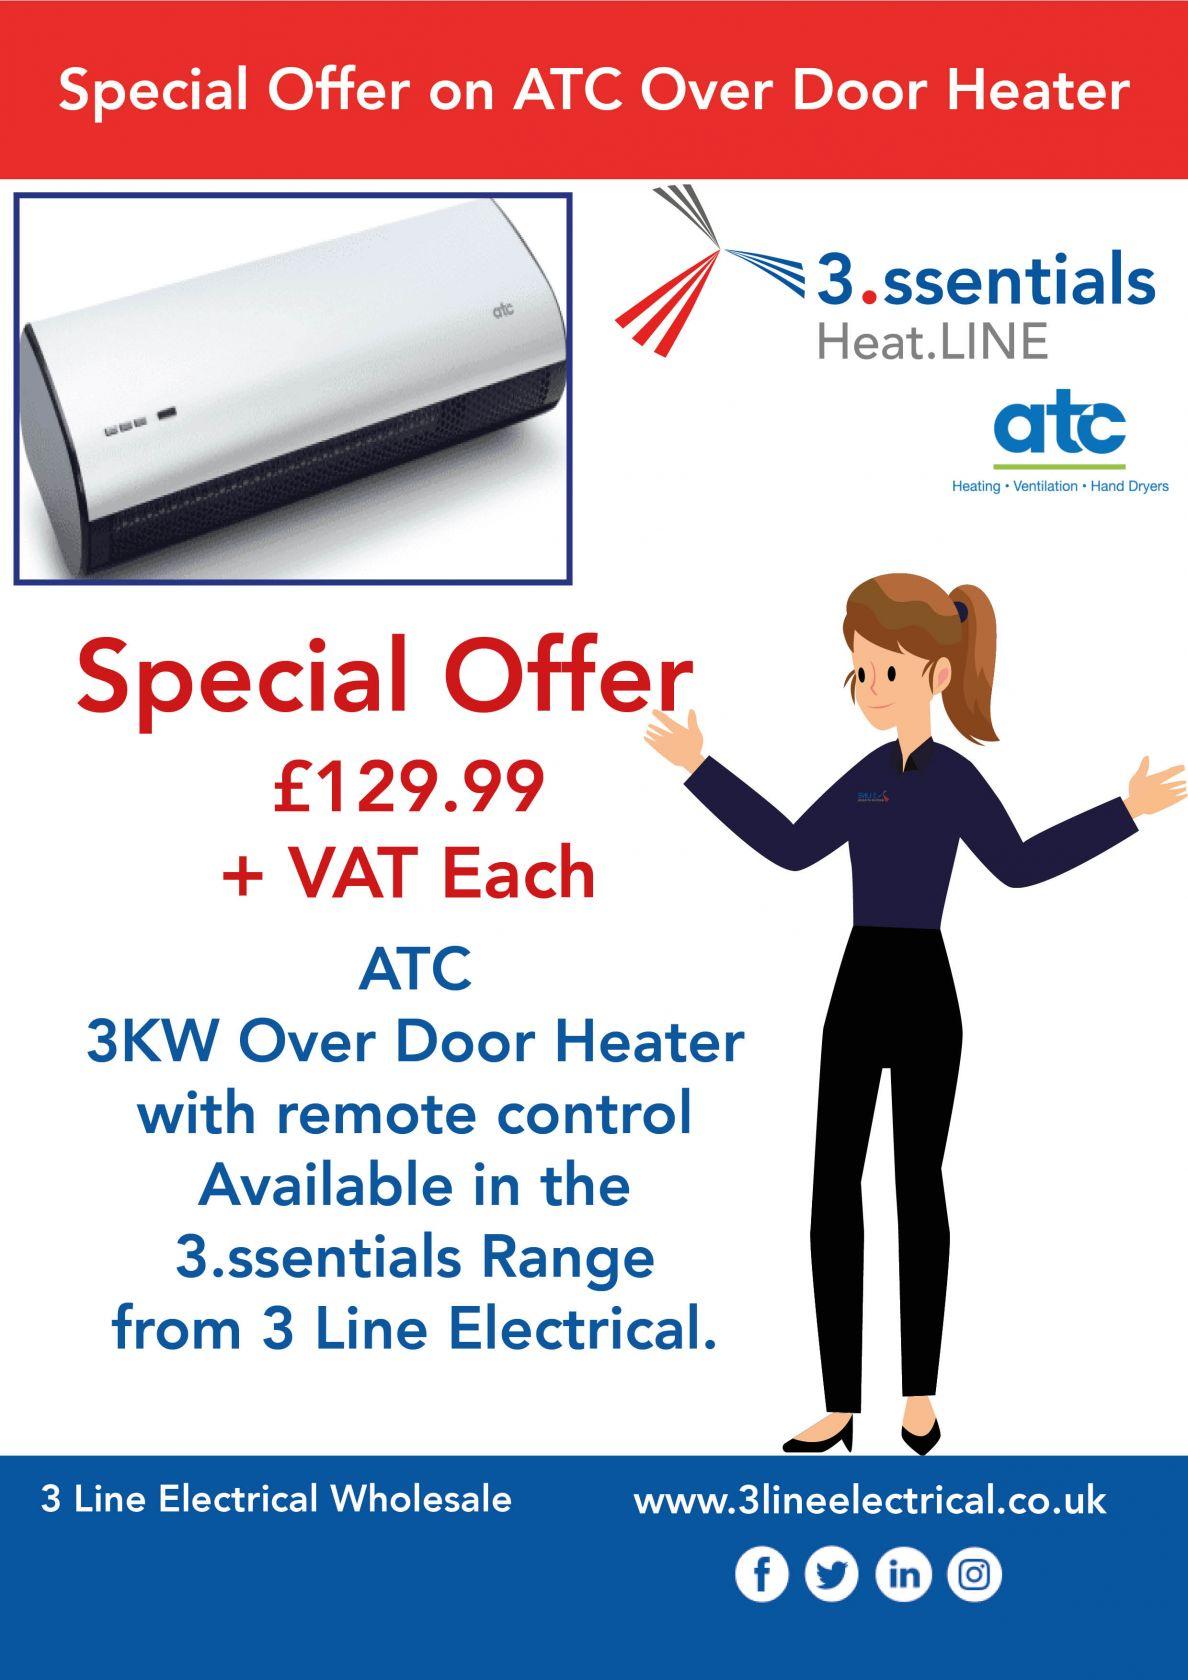 Over Door Heater Promotion